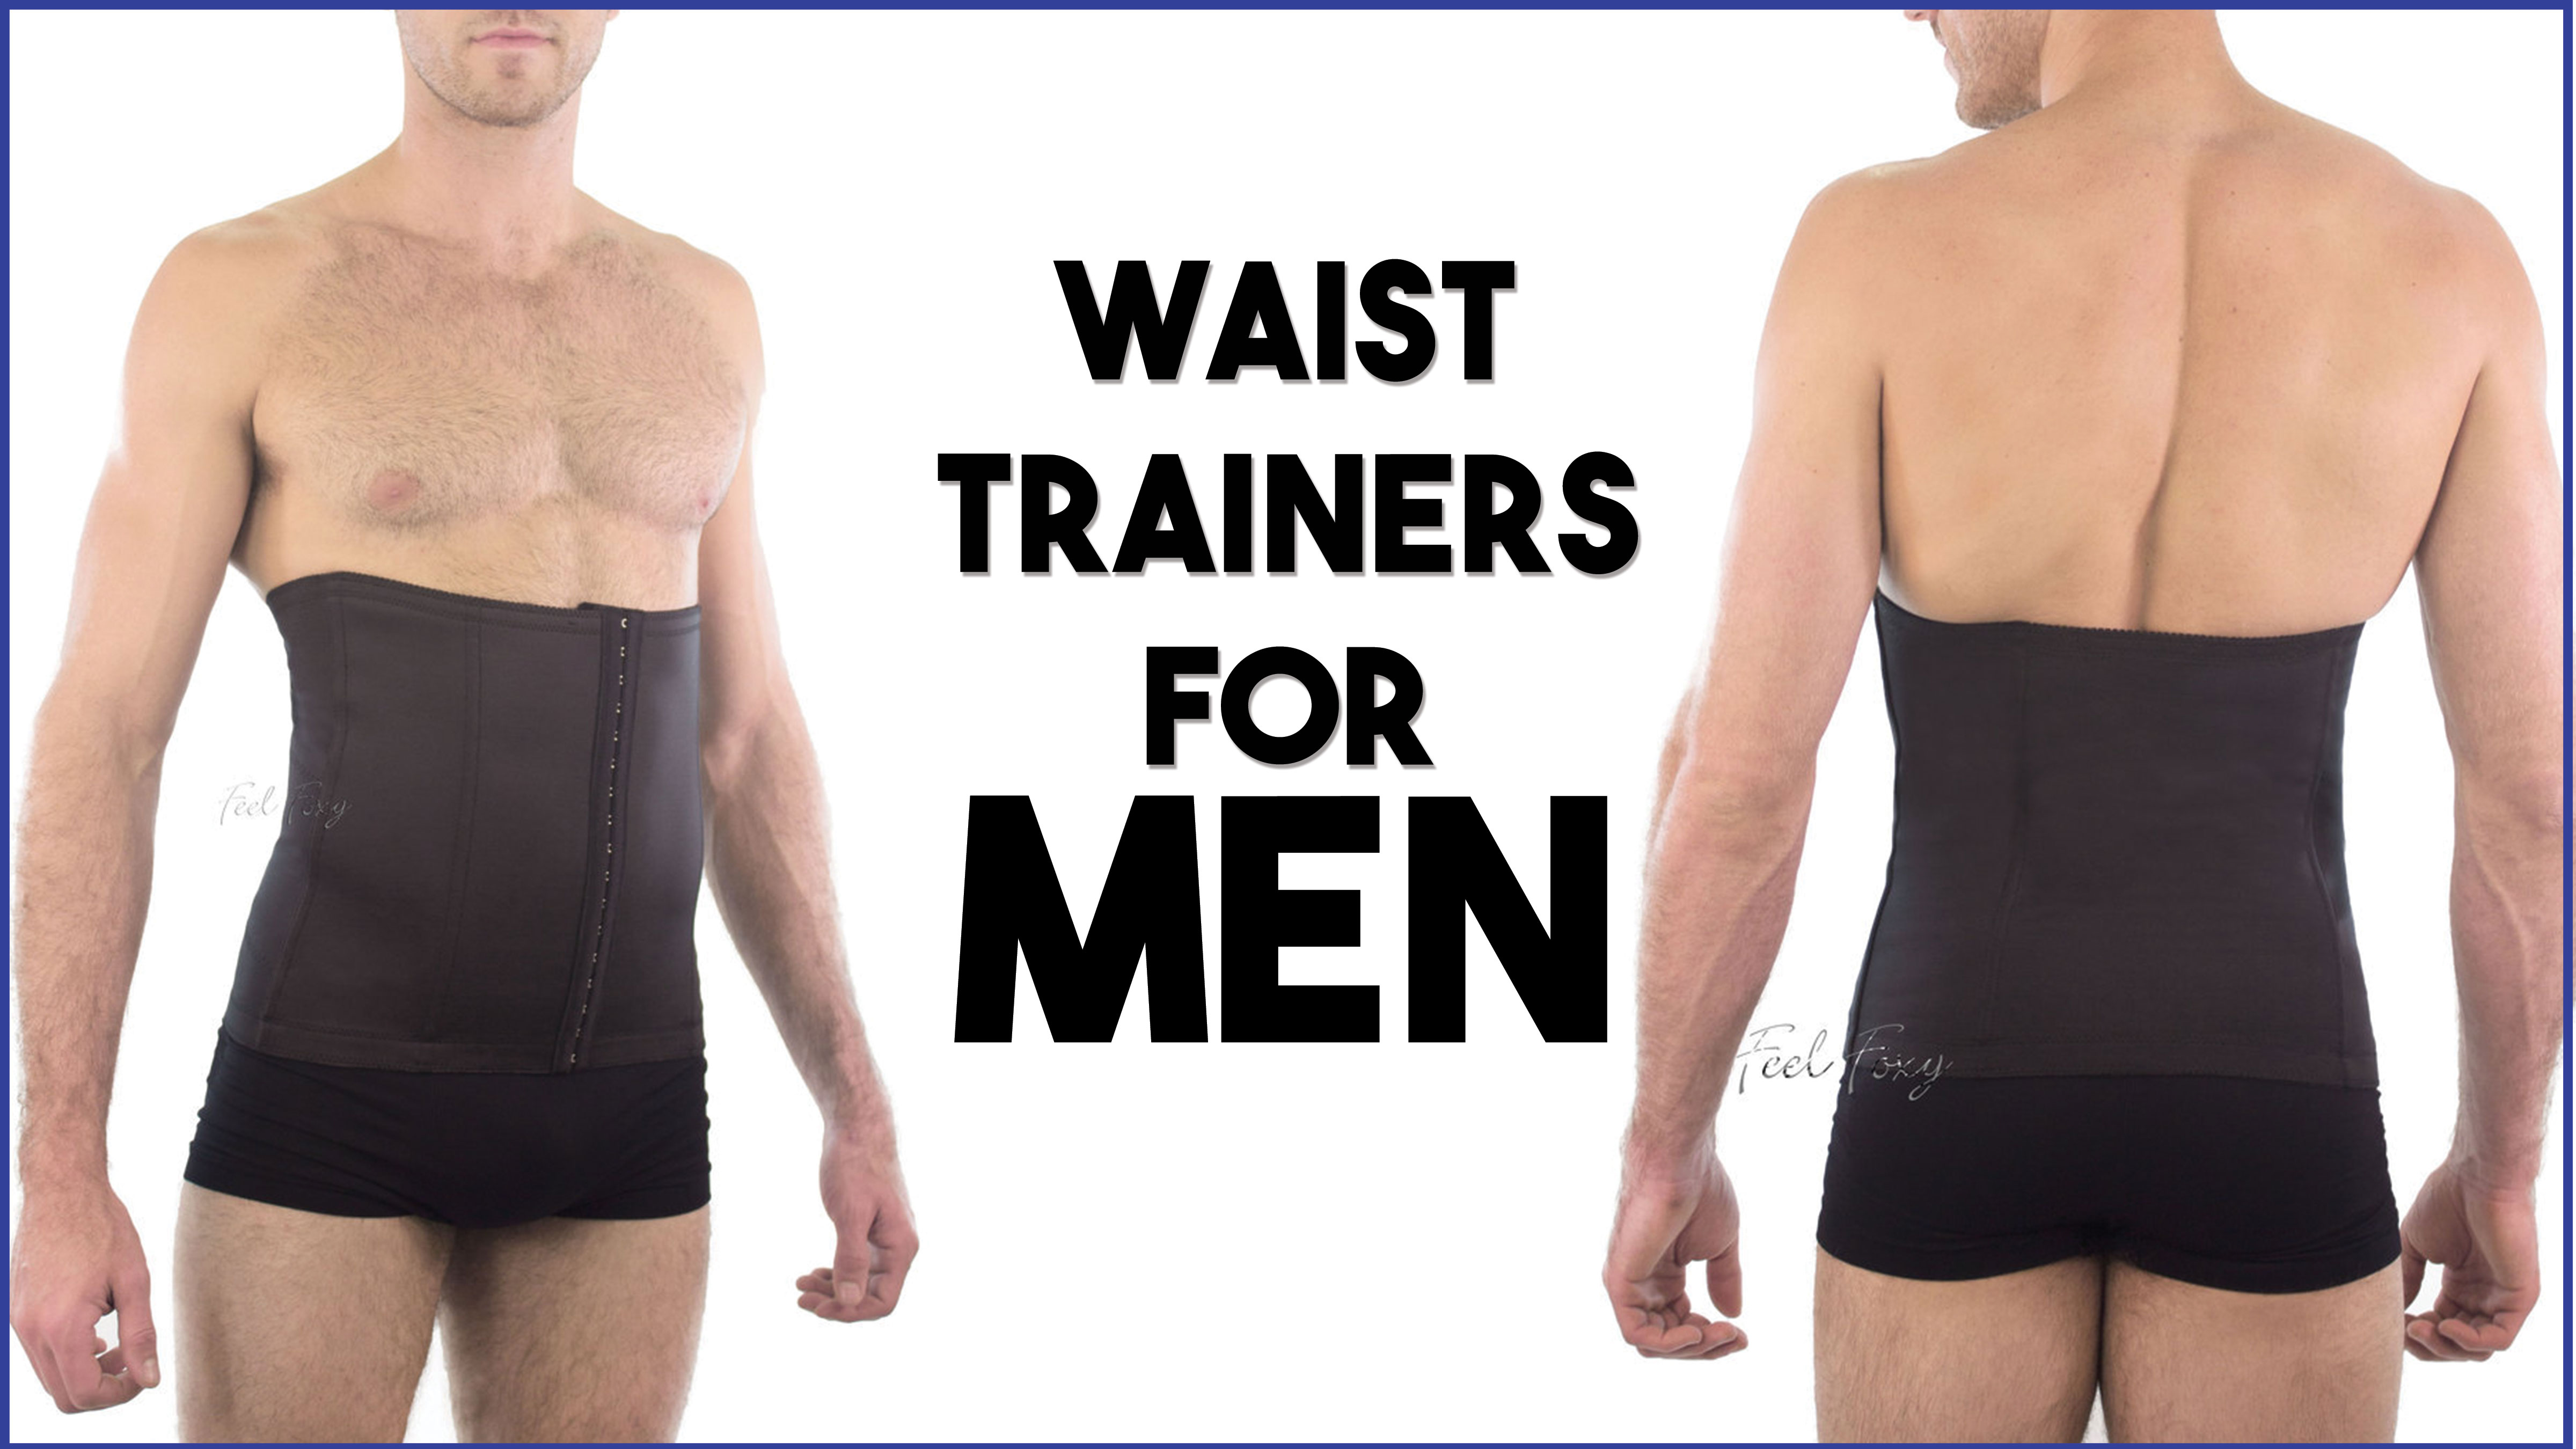 waist-trainers-for-men.jpg